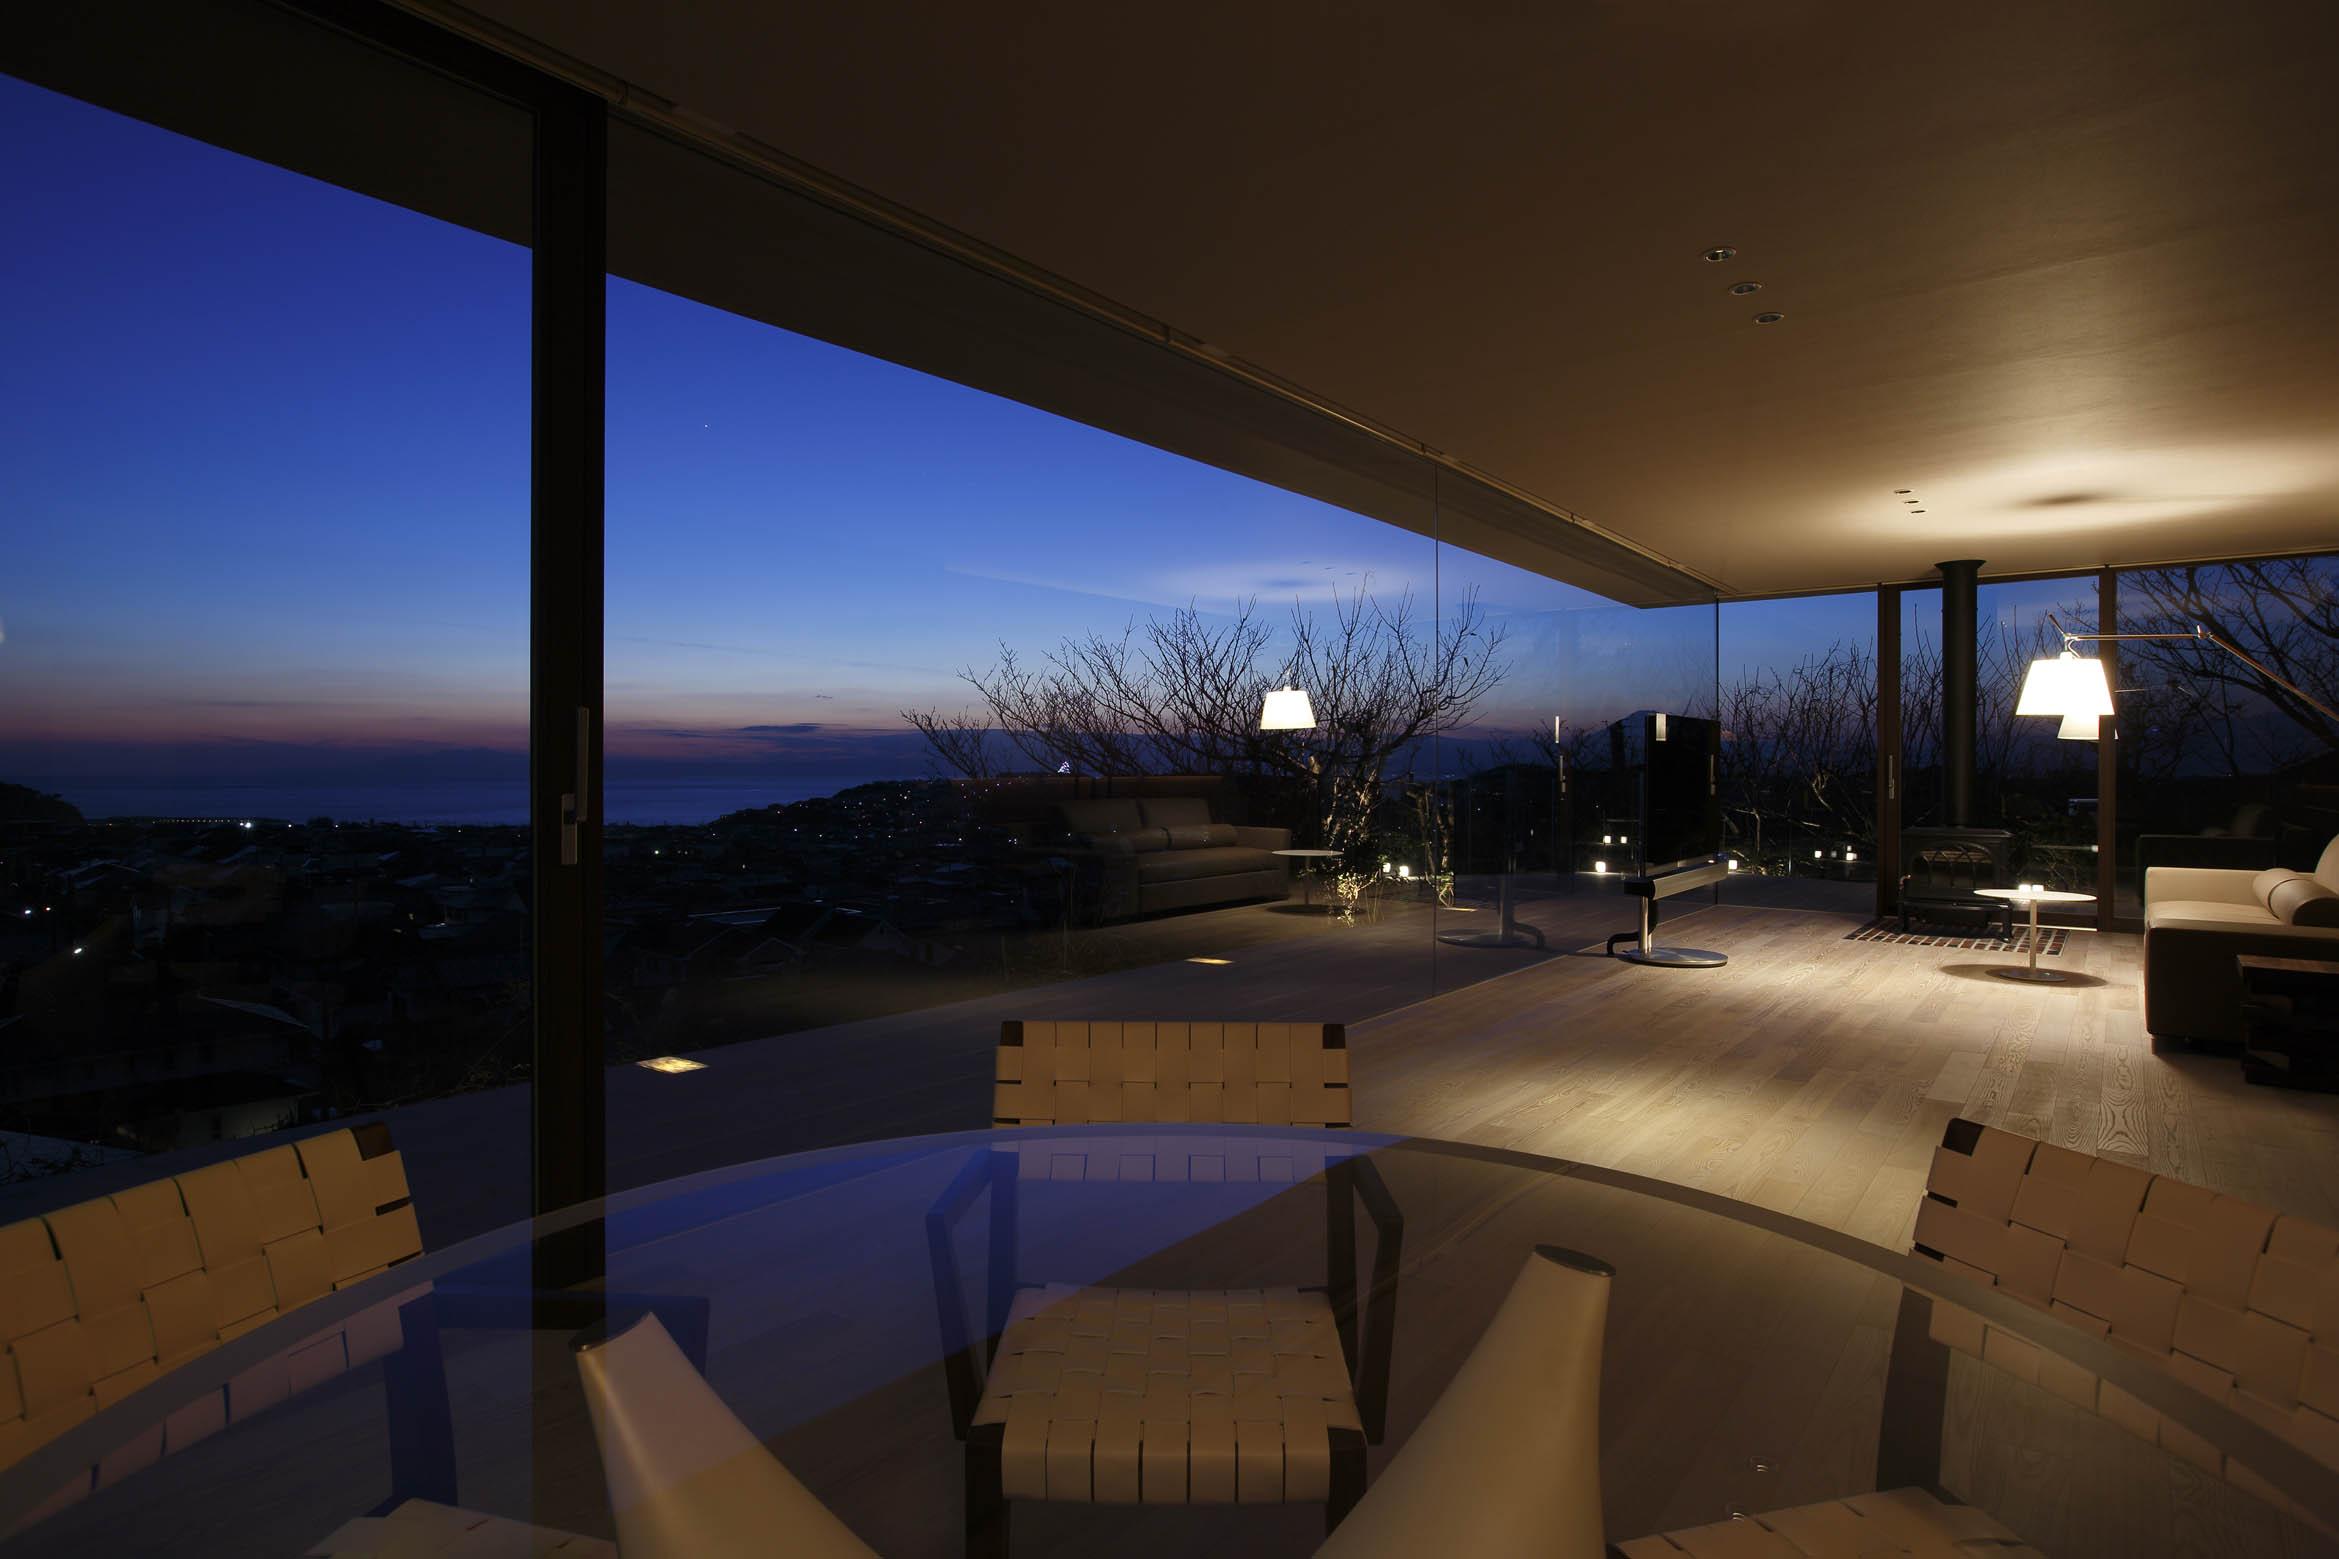 夜景/CASA BARCA/豪邸 高級別荘建築